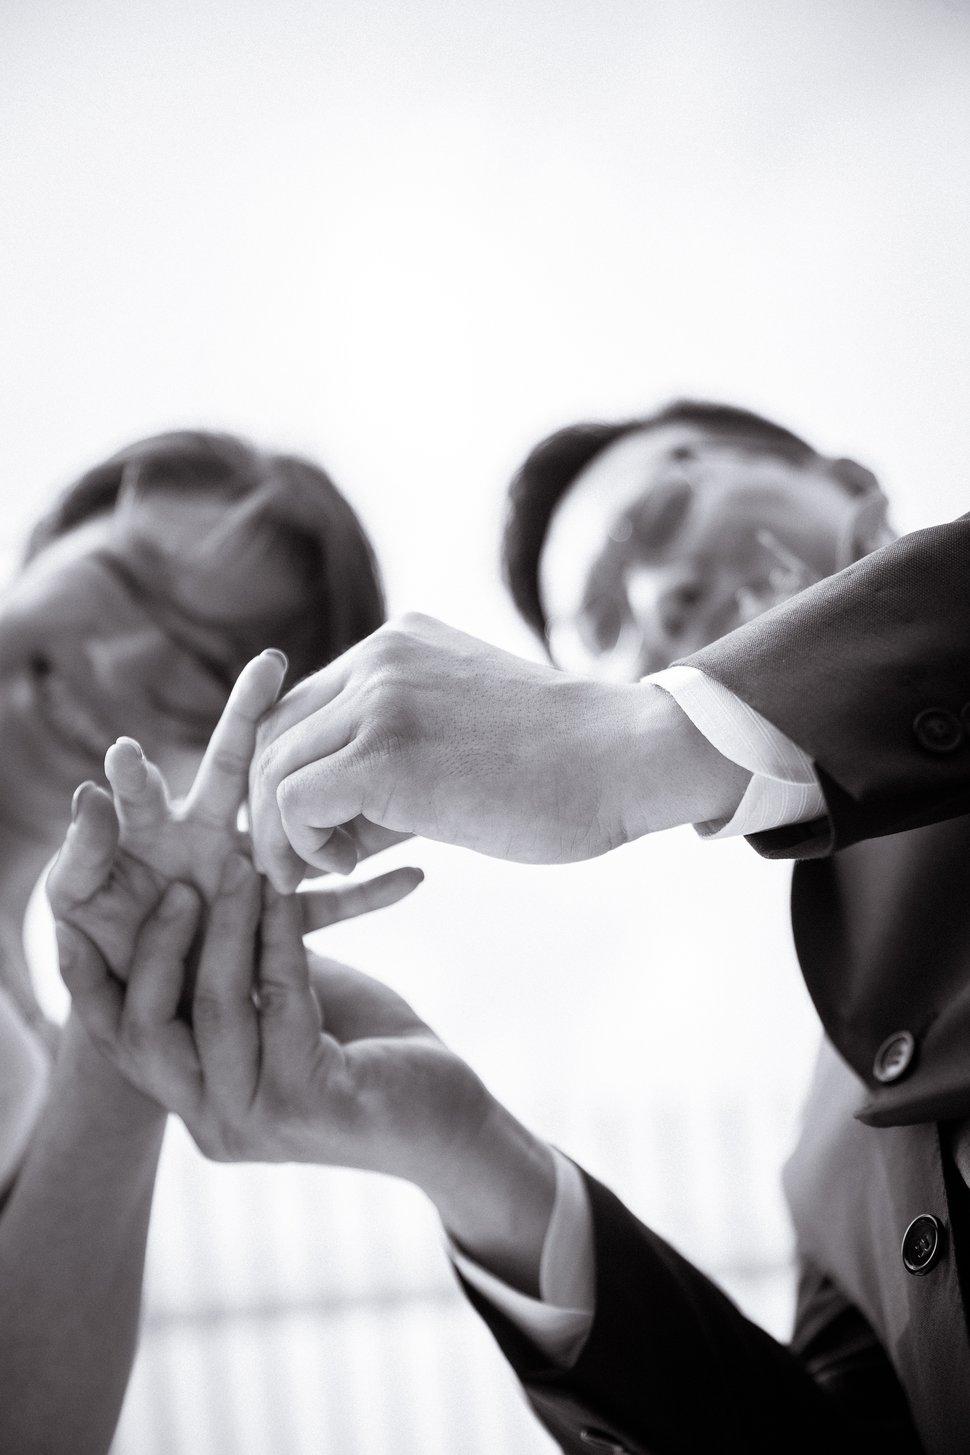 2018-11-11-25 - 瞳心尉泯 -婚禮攝影 - 結婚吧